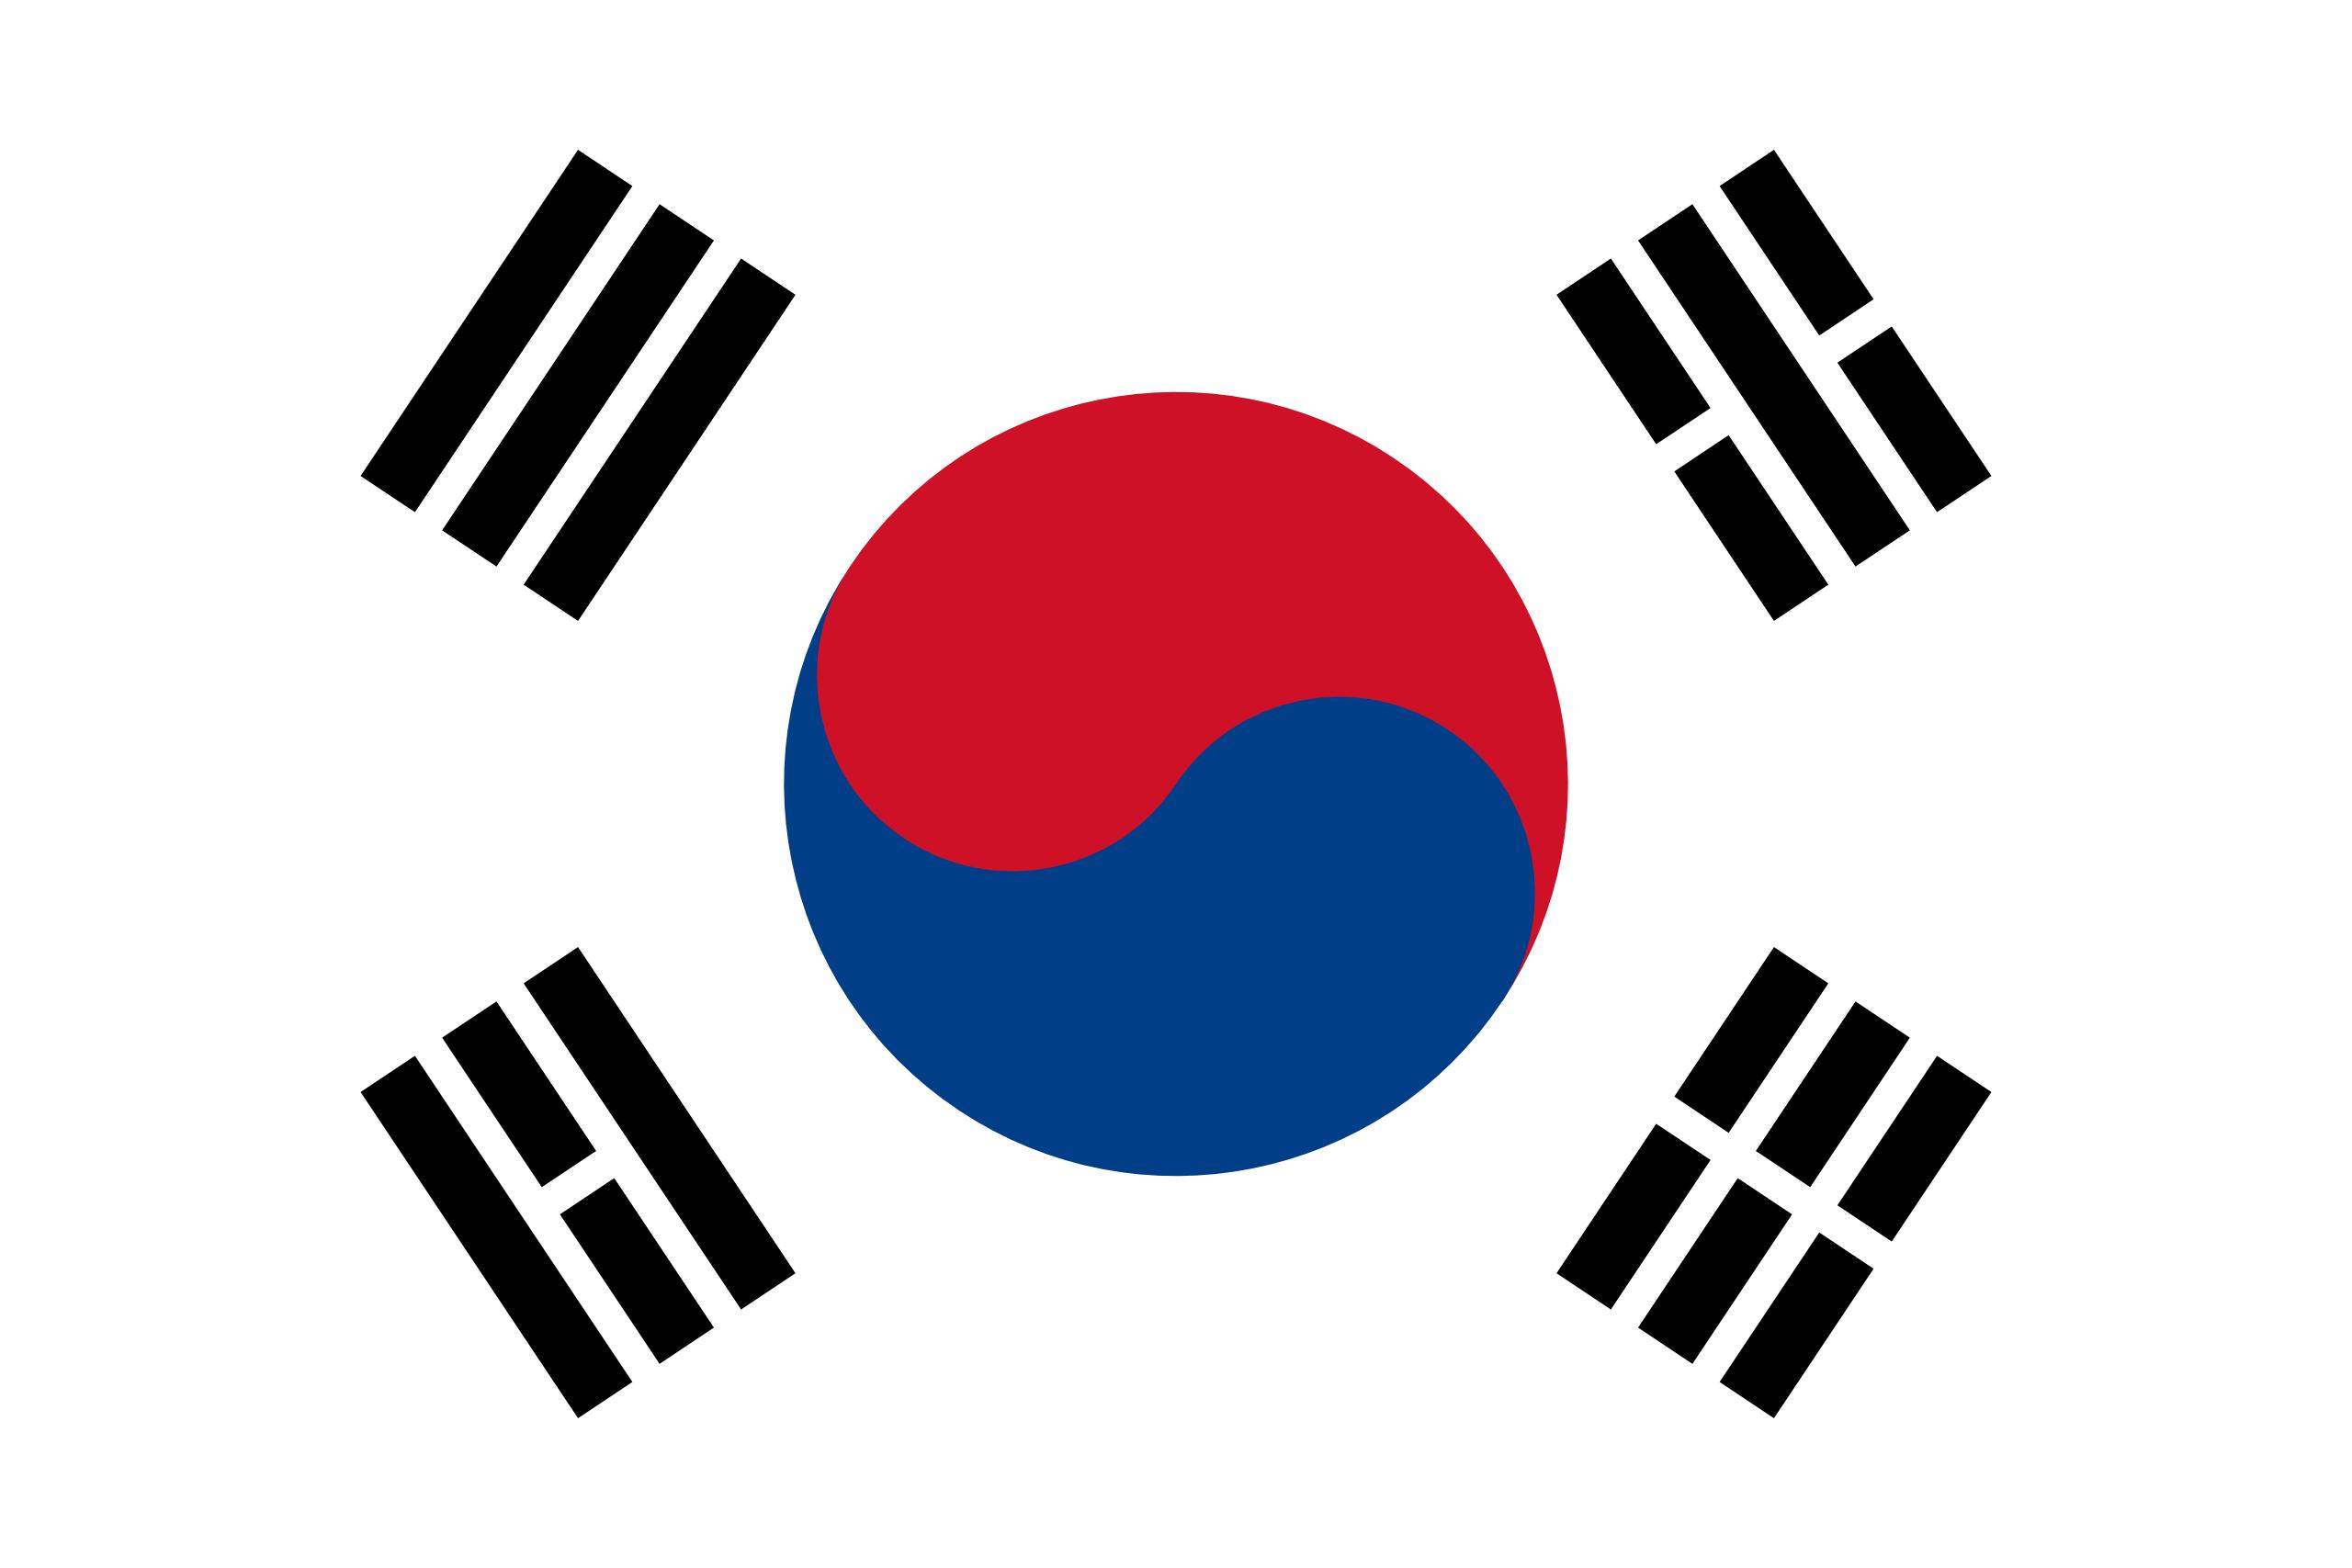 Coreia do Sul, país, Brasão de armas, logotipo, símbolo - Papéis de parede HD - Professor-falken.com